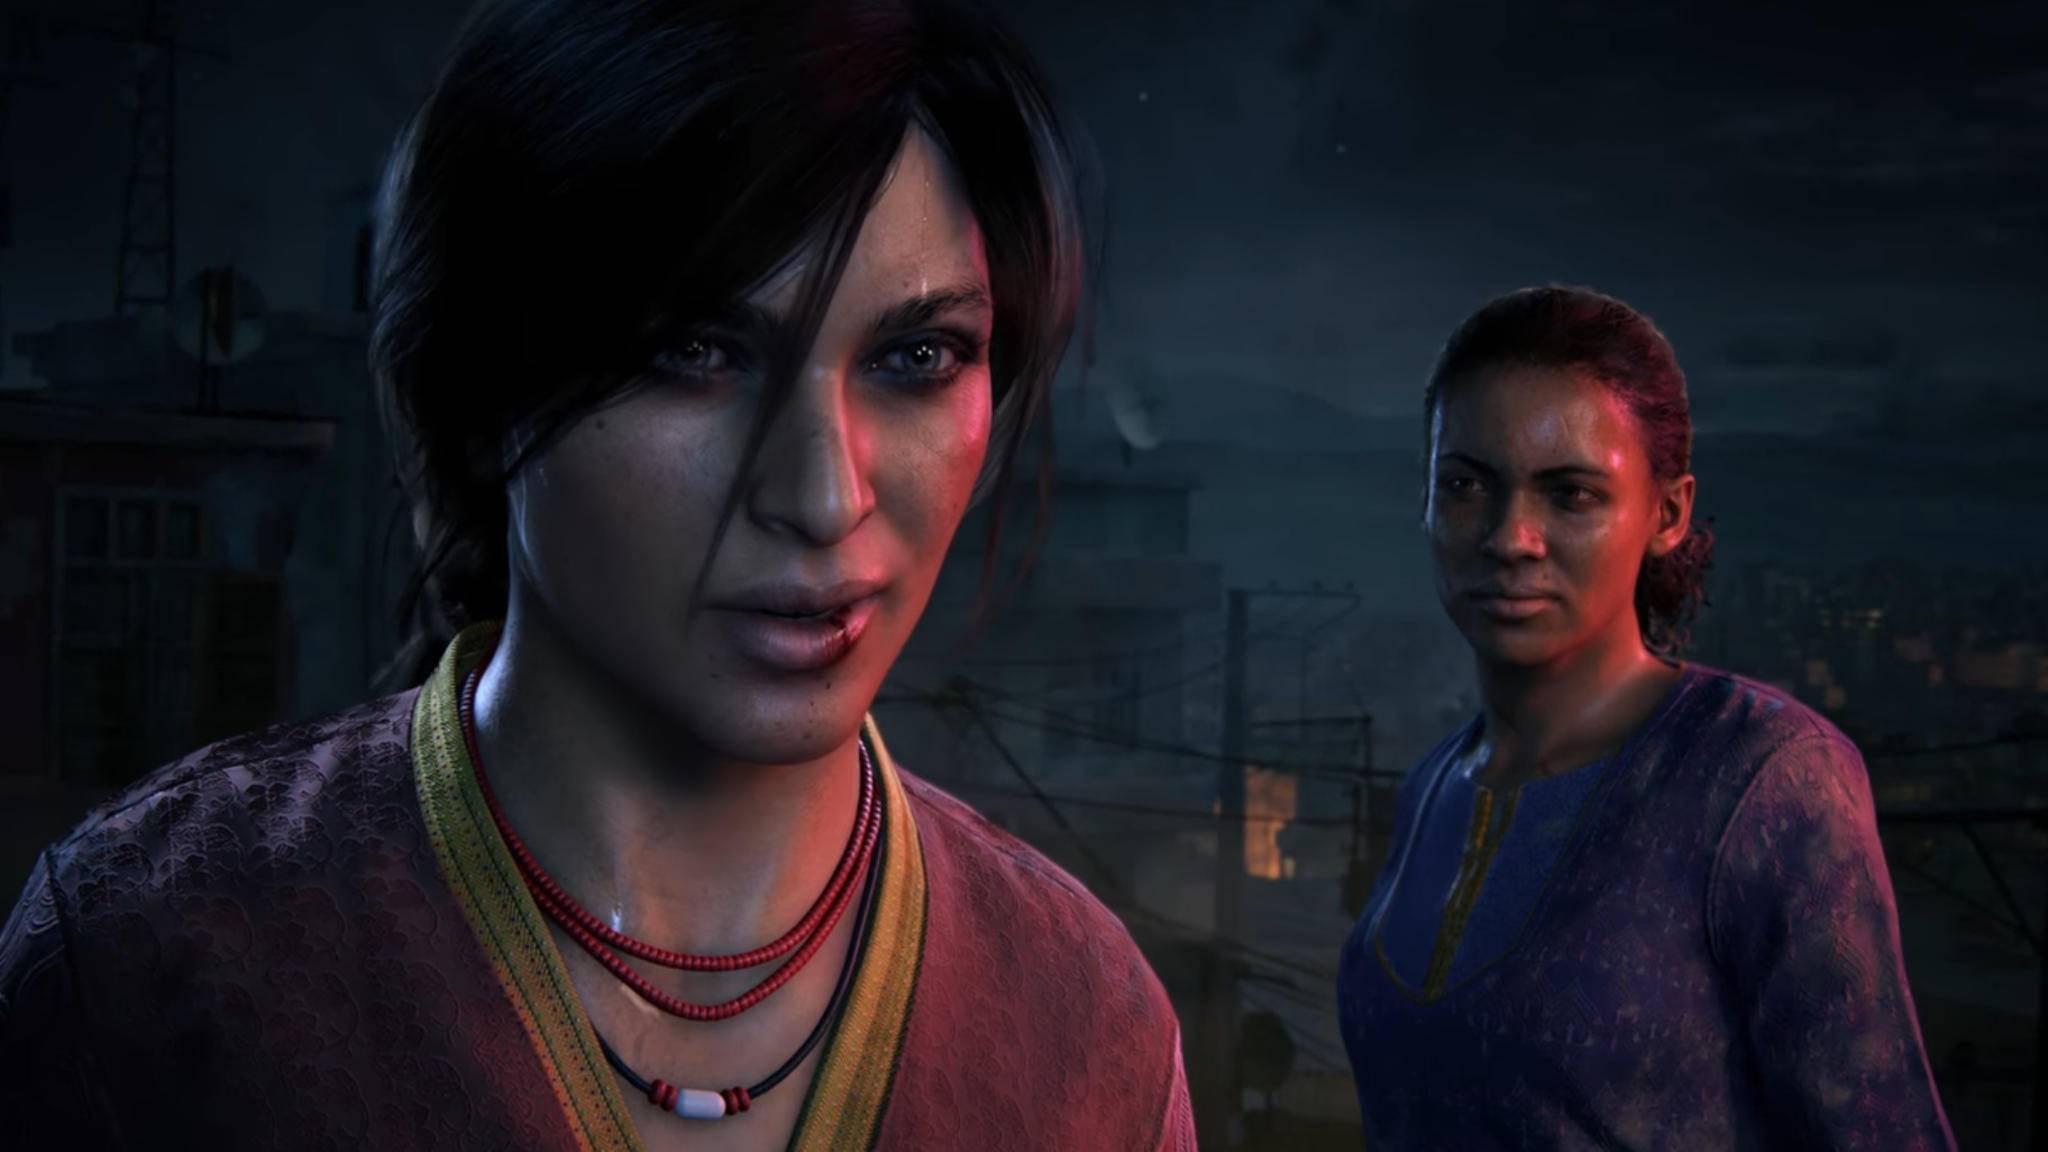 """Neuer Einzelspieler-DLC für """"Uncharted 4"""": Chloe ist im Trailer zu sehen."""